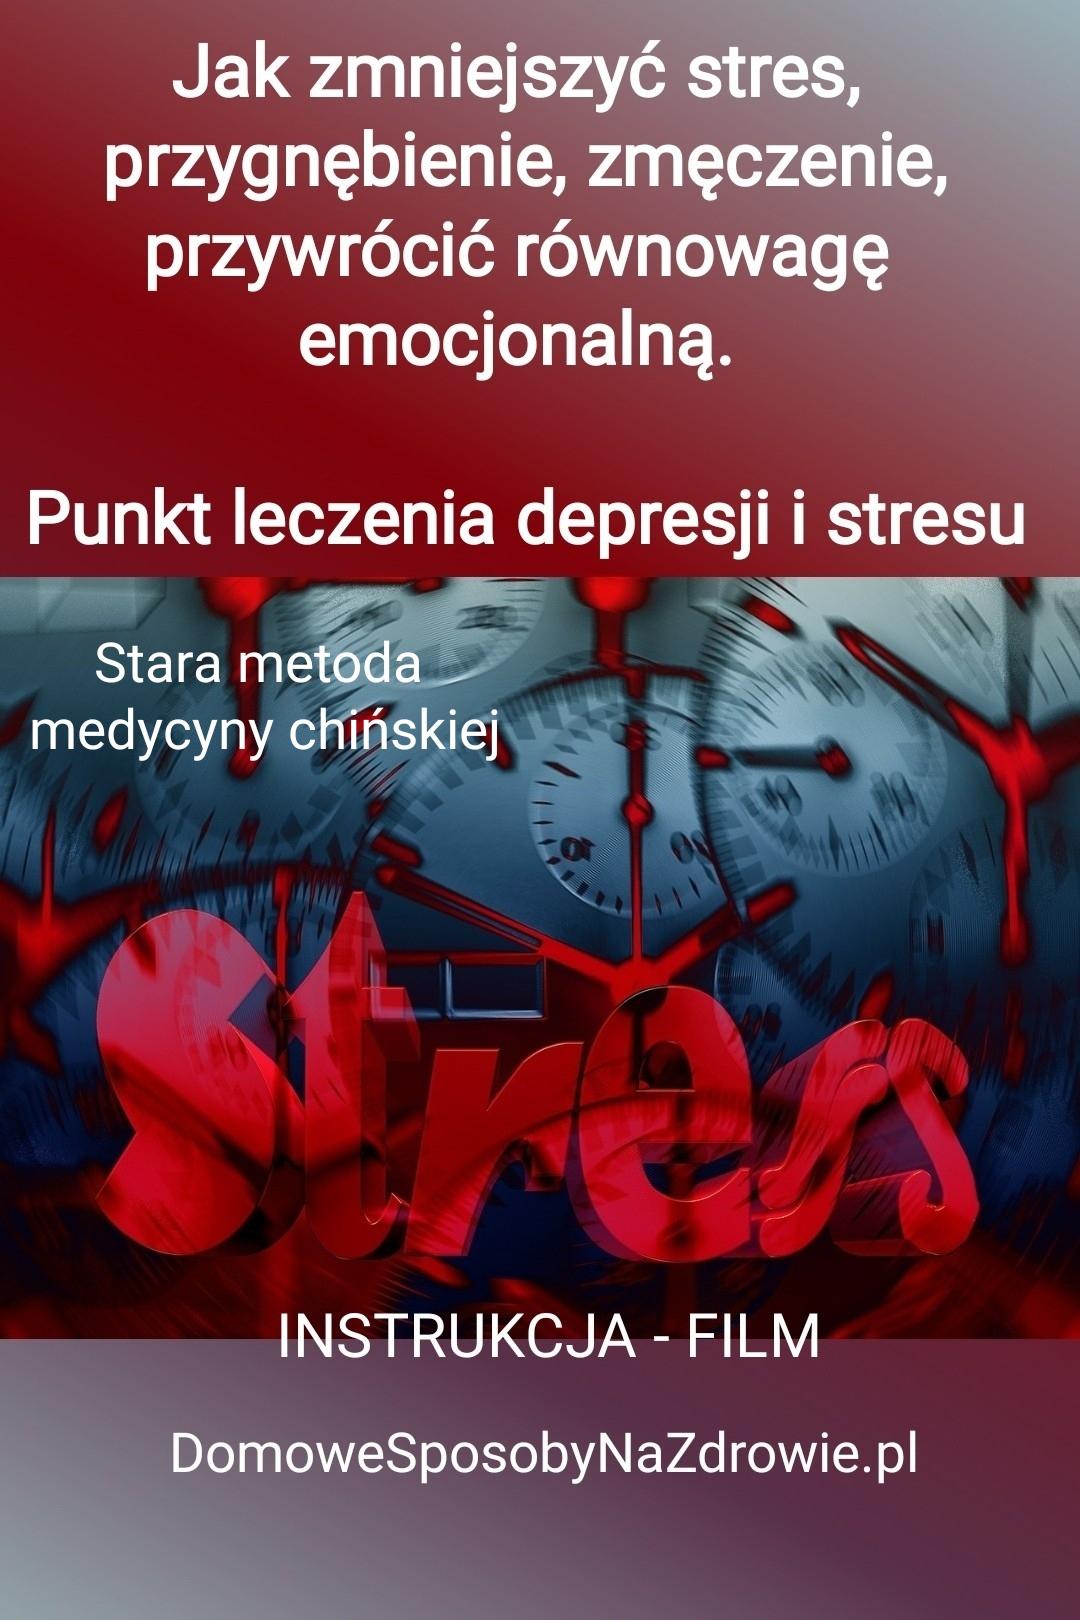 DomoweSposobyNaZdrowie.pl-punkt-stresu-detoks